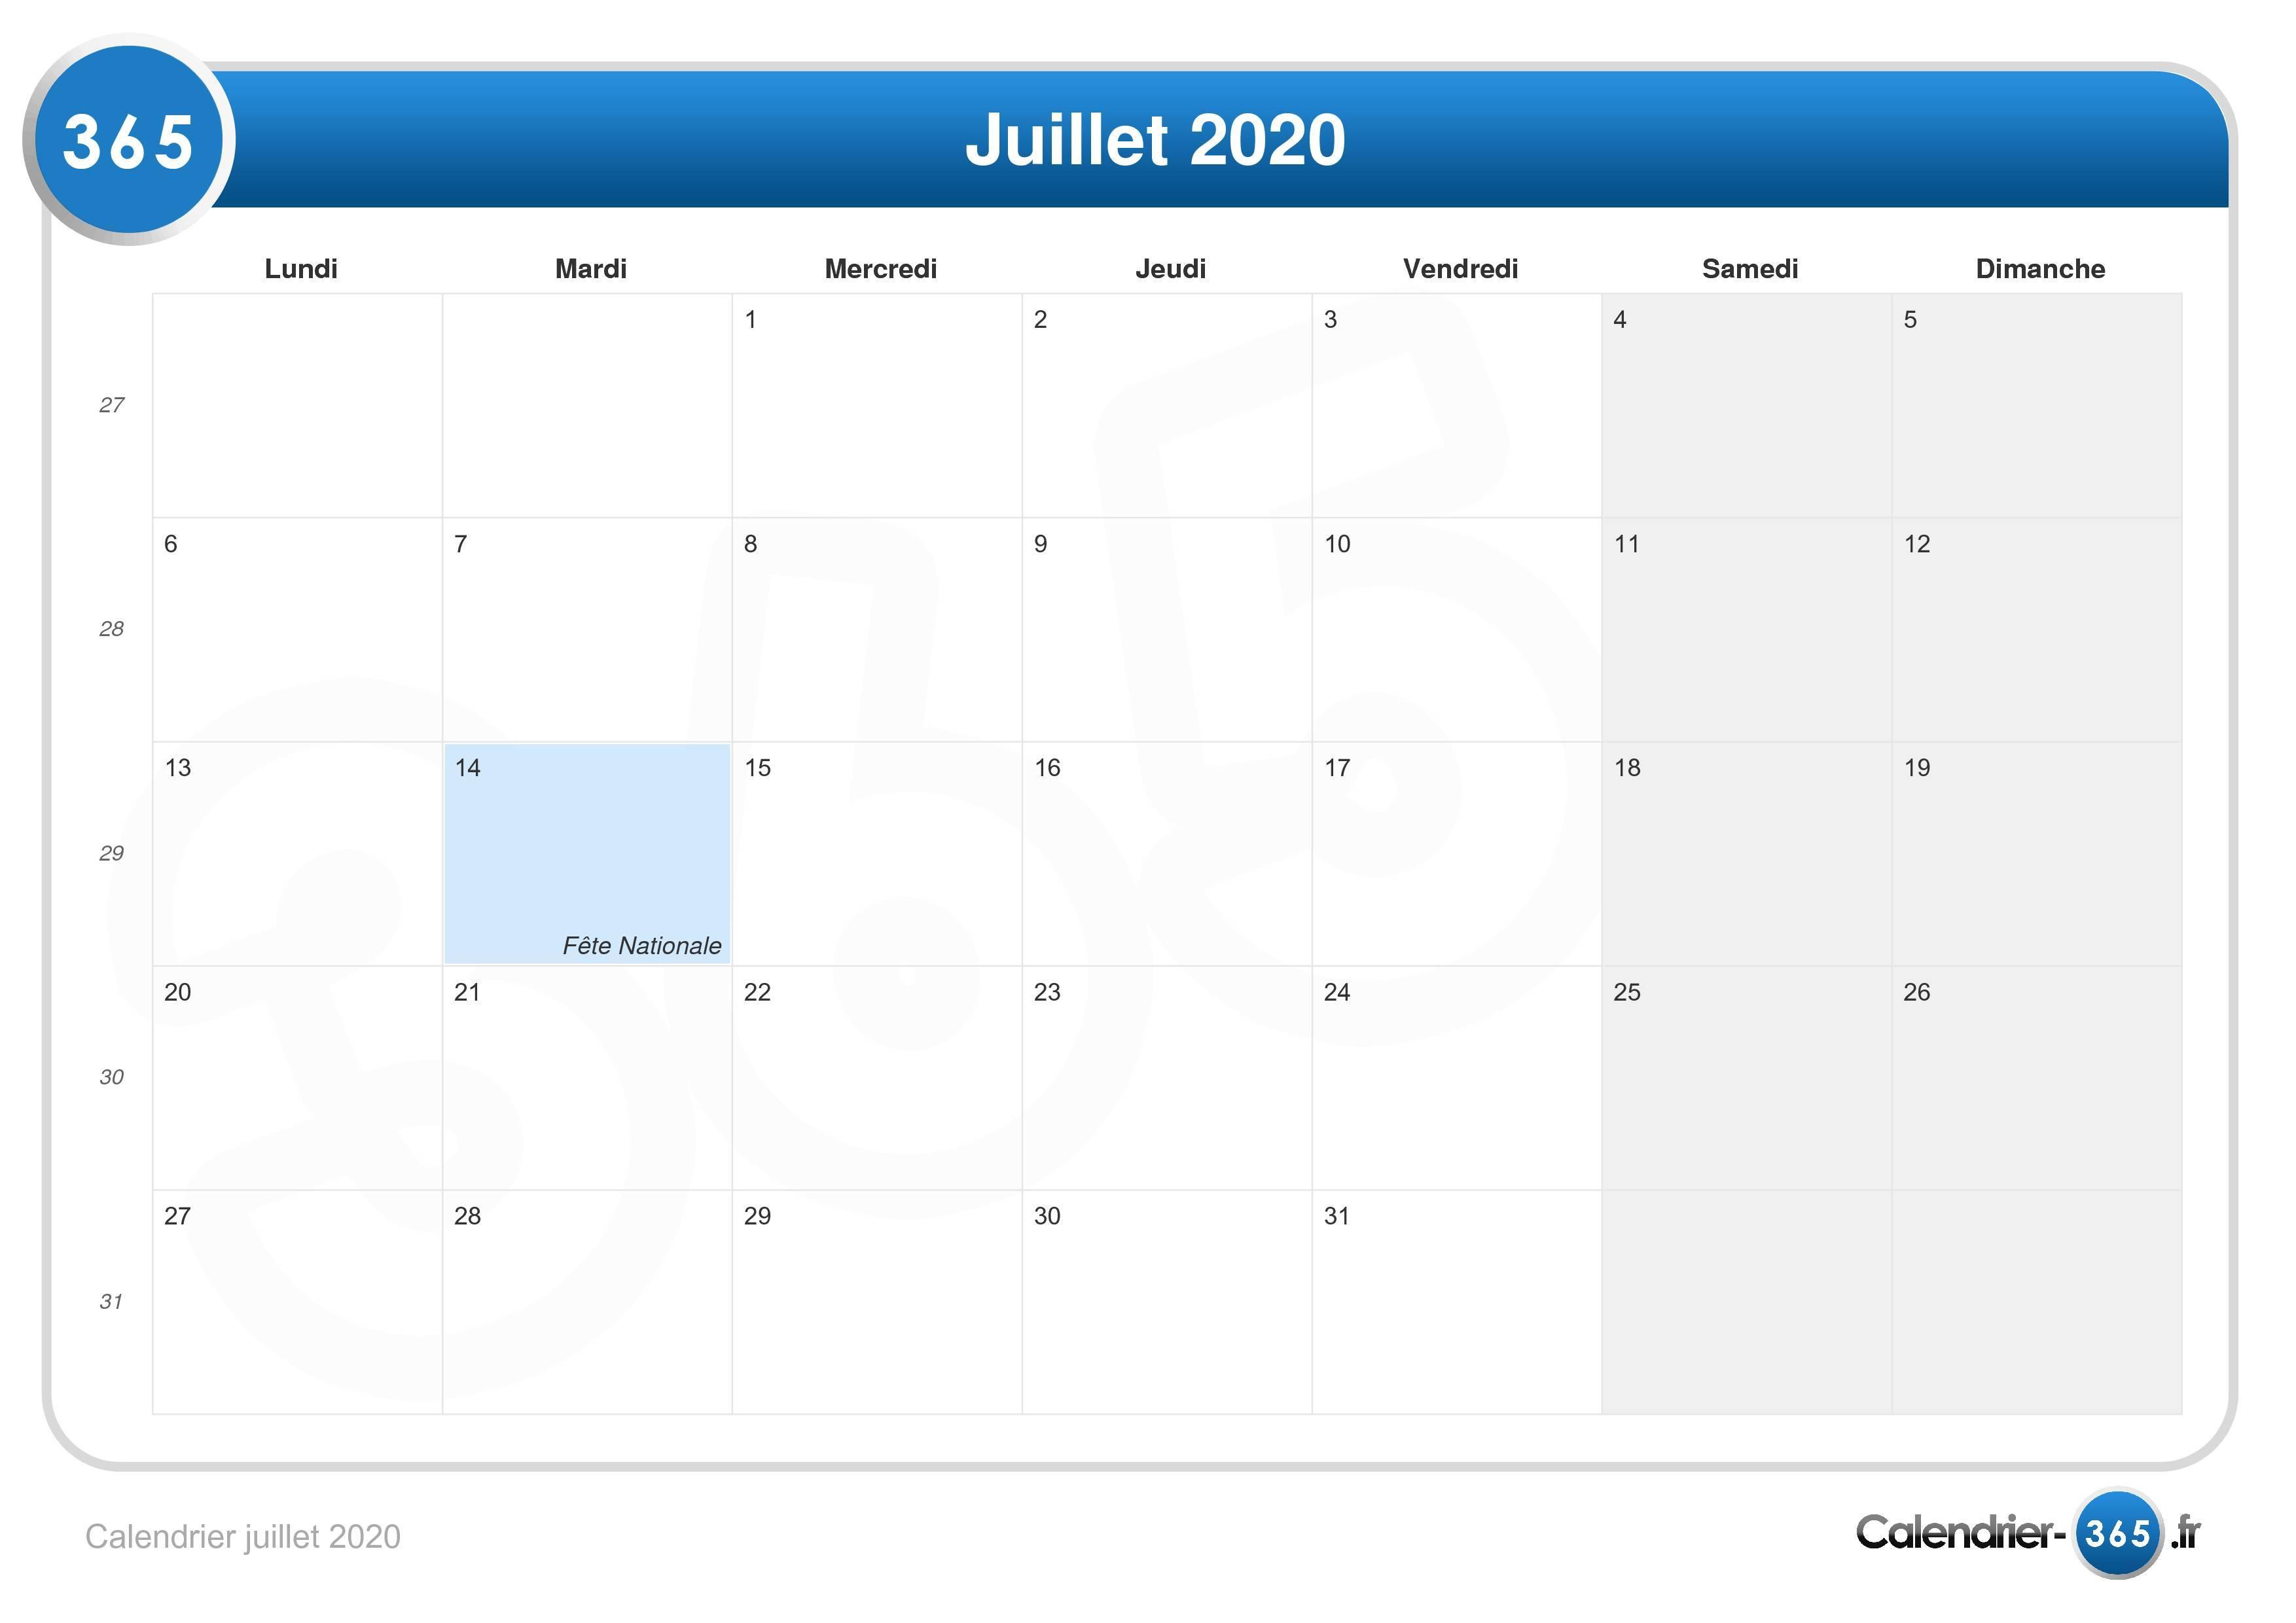 Calendrier Juillet2020.Calendrier Juillet 2020